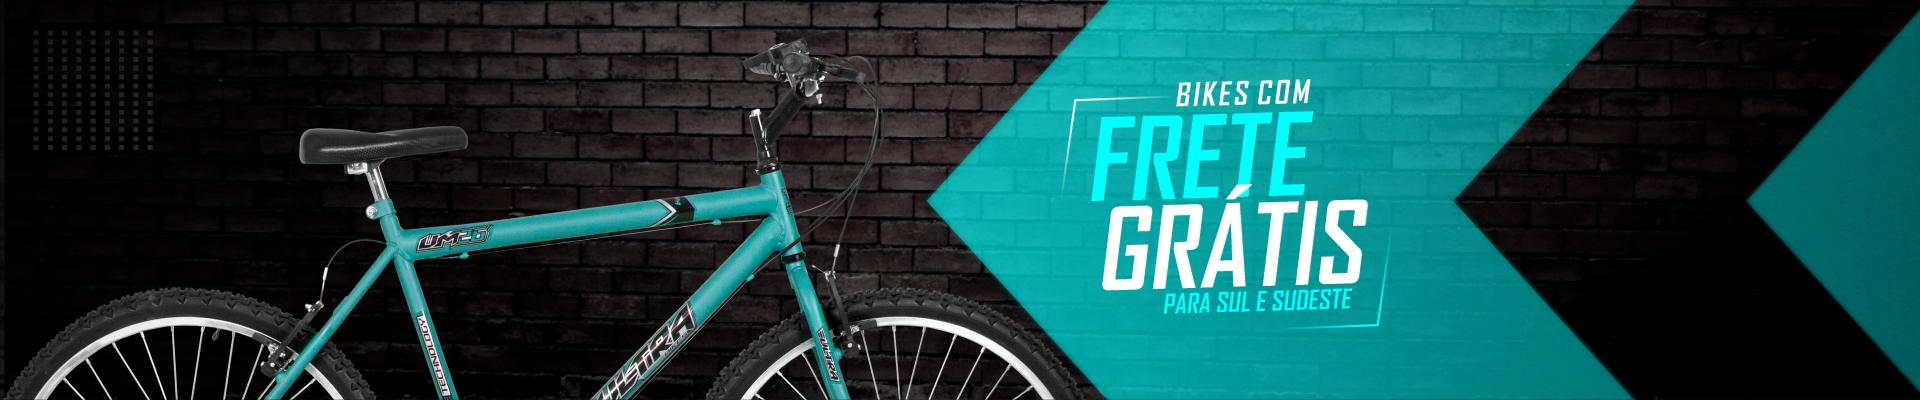 Bike Frete Grátis Sul e Sudeste